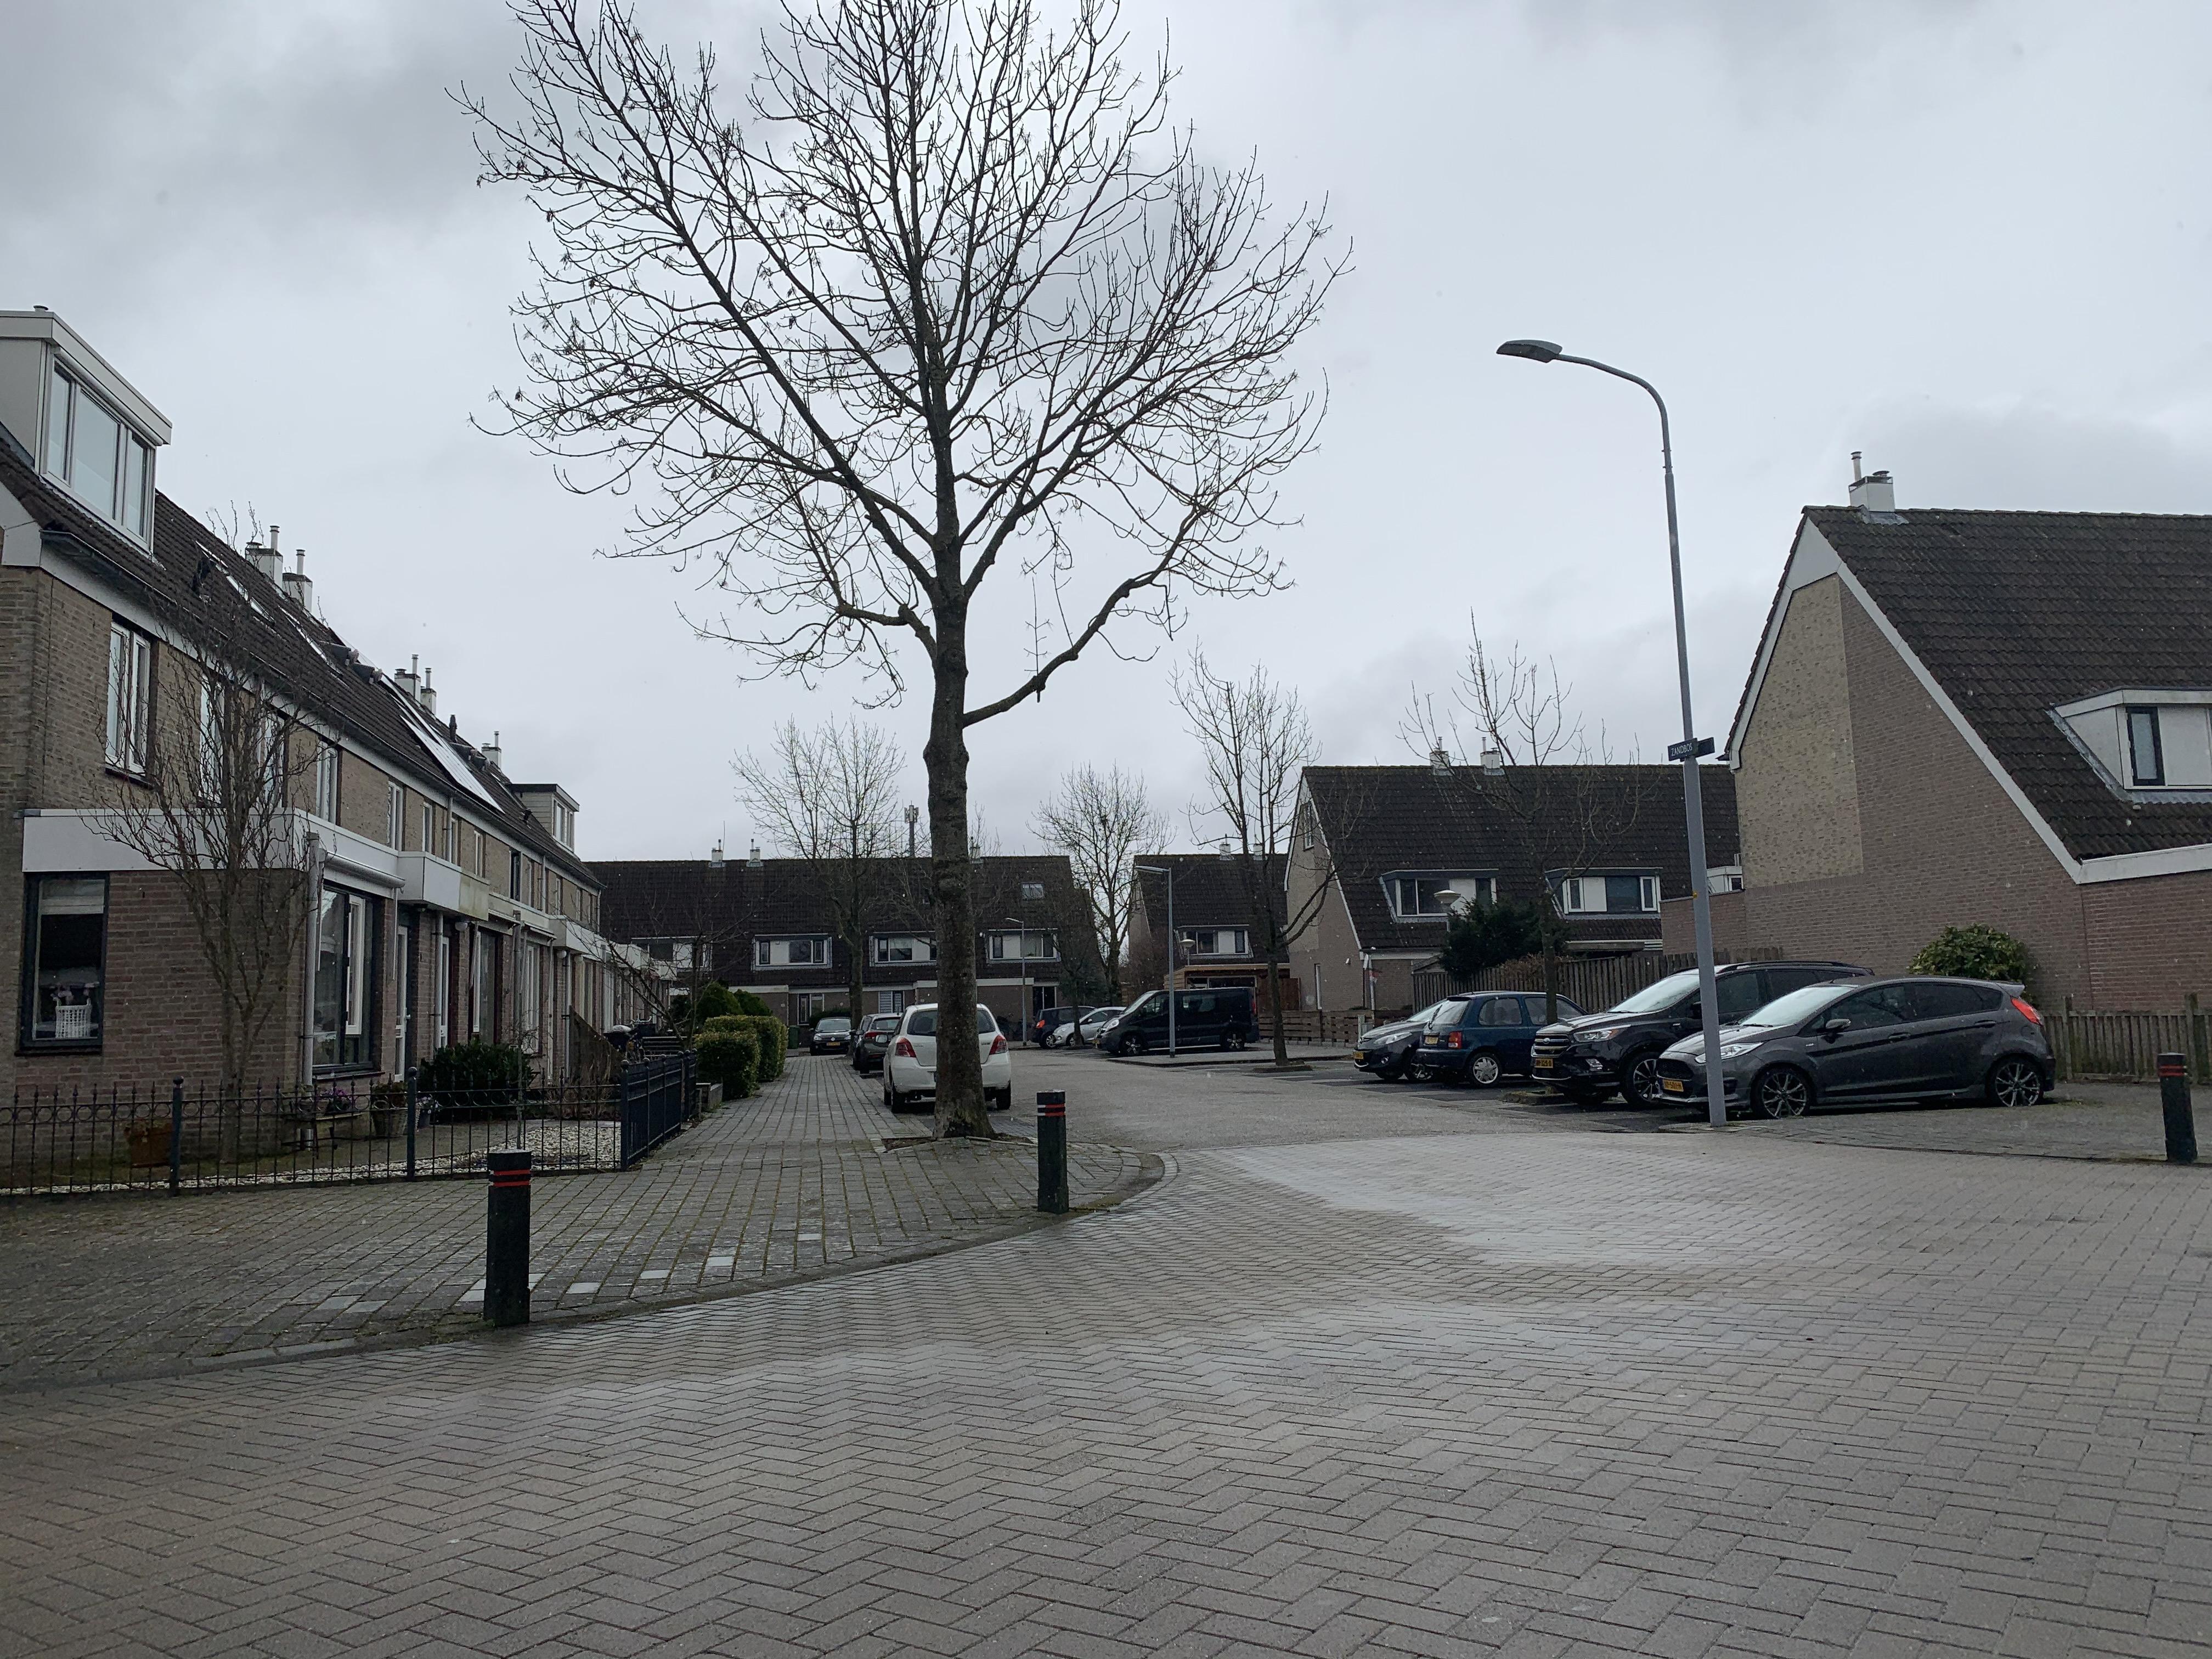 Geluidhinder van wegverkeer op 36 locaties, maar Haarlemmermeer neemt geen maatregelen